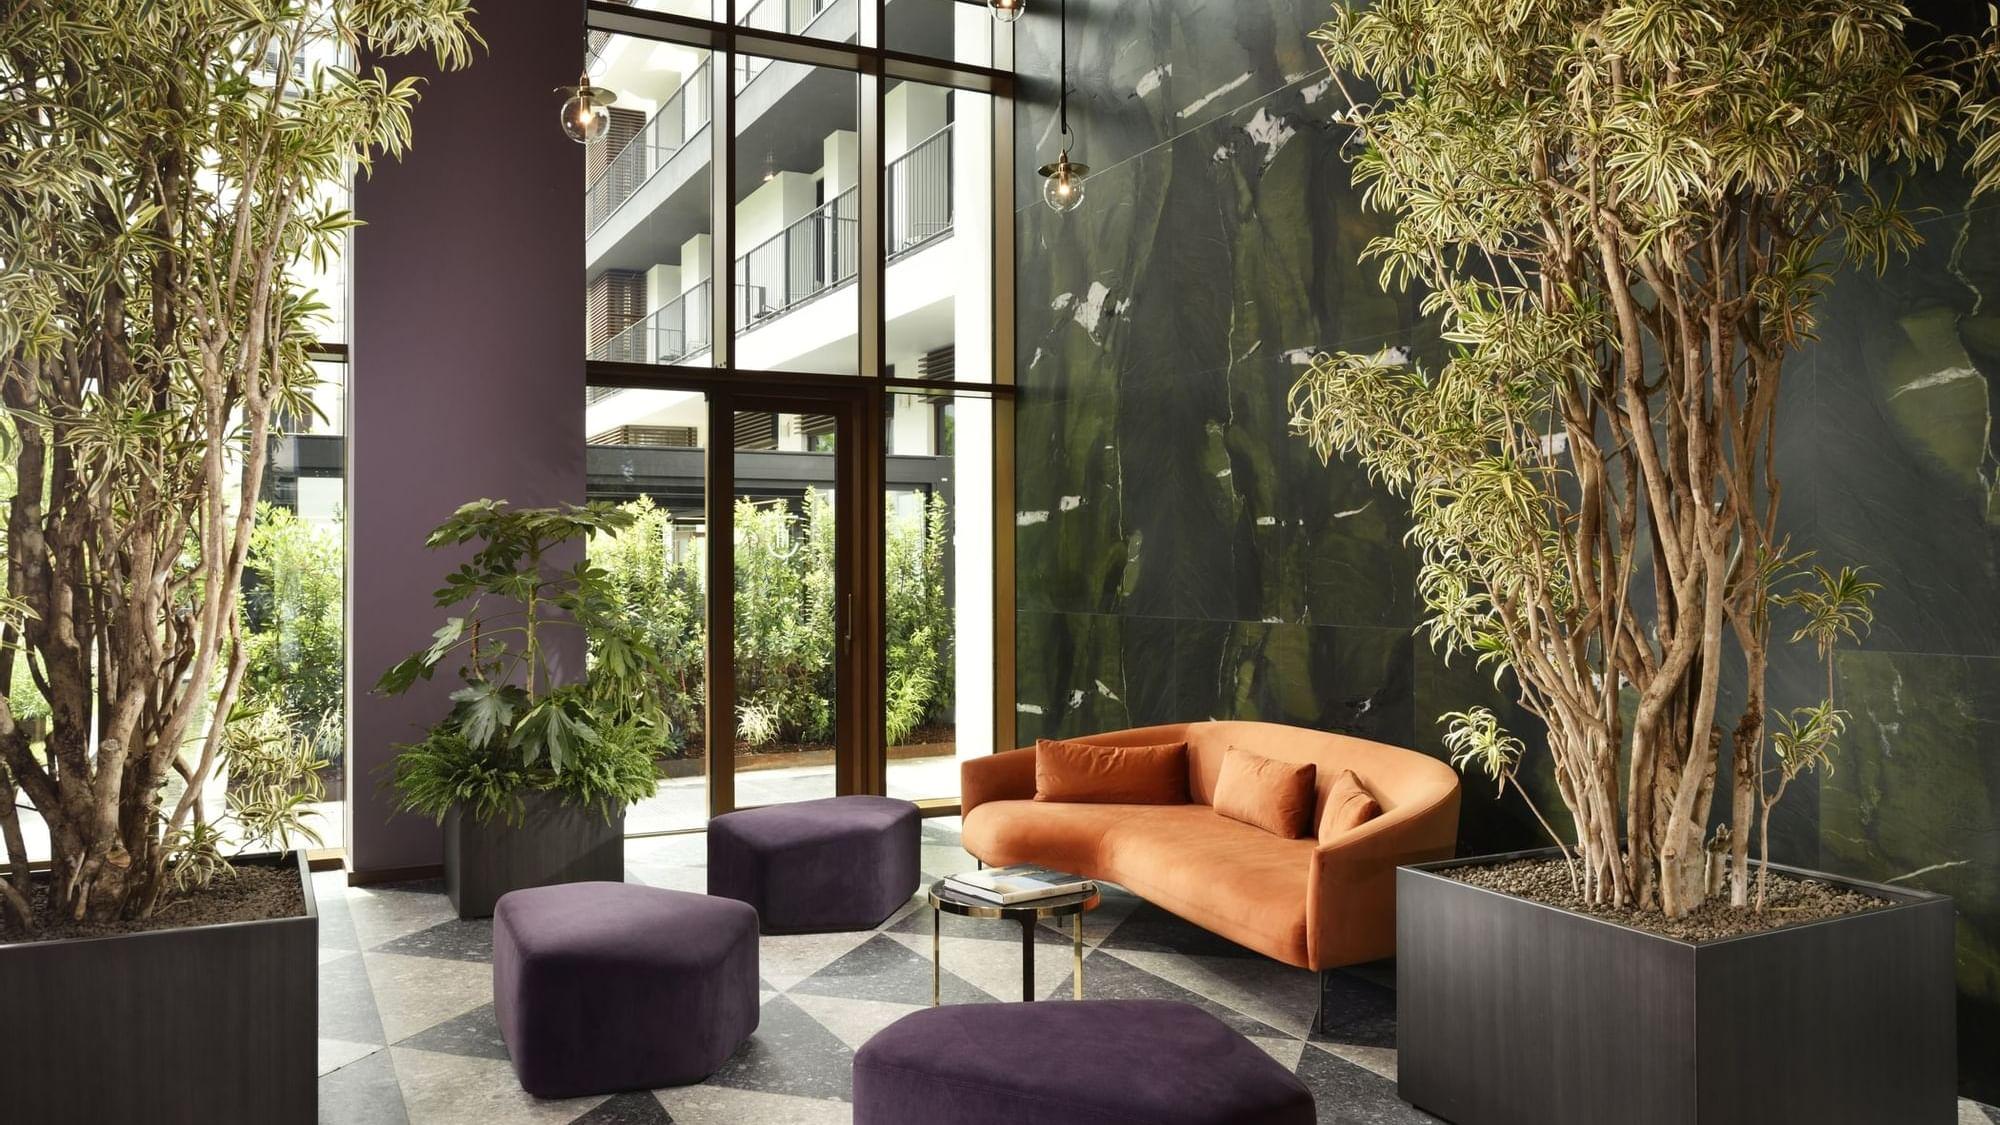 Hotel 4*S a Milano